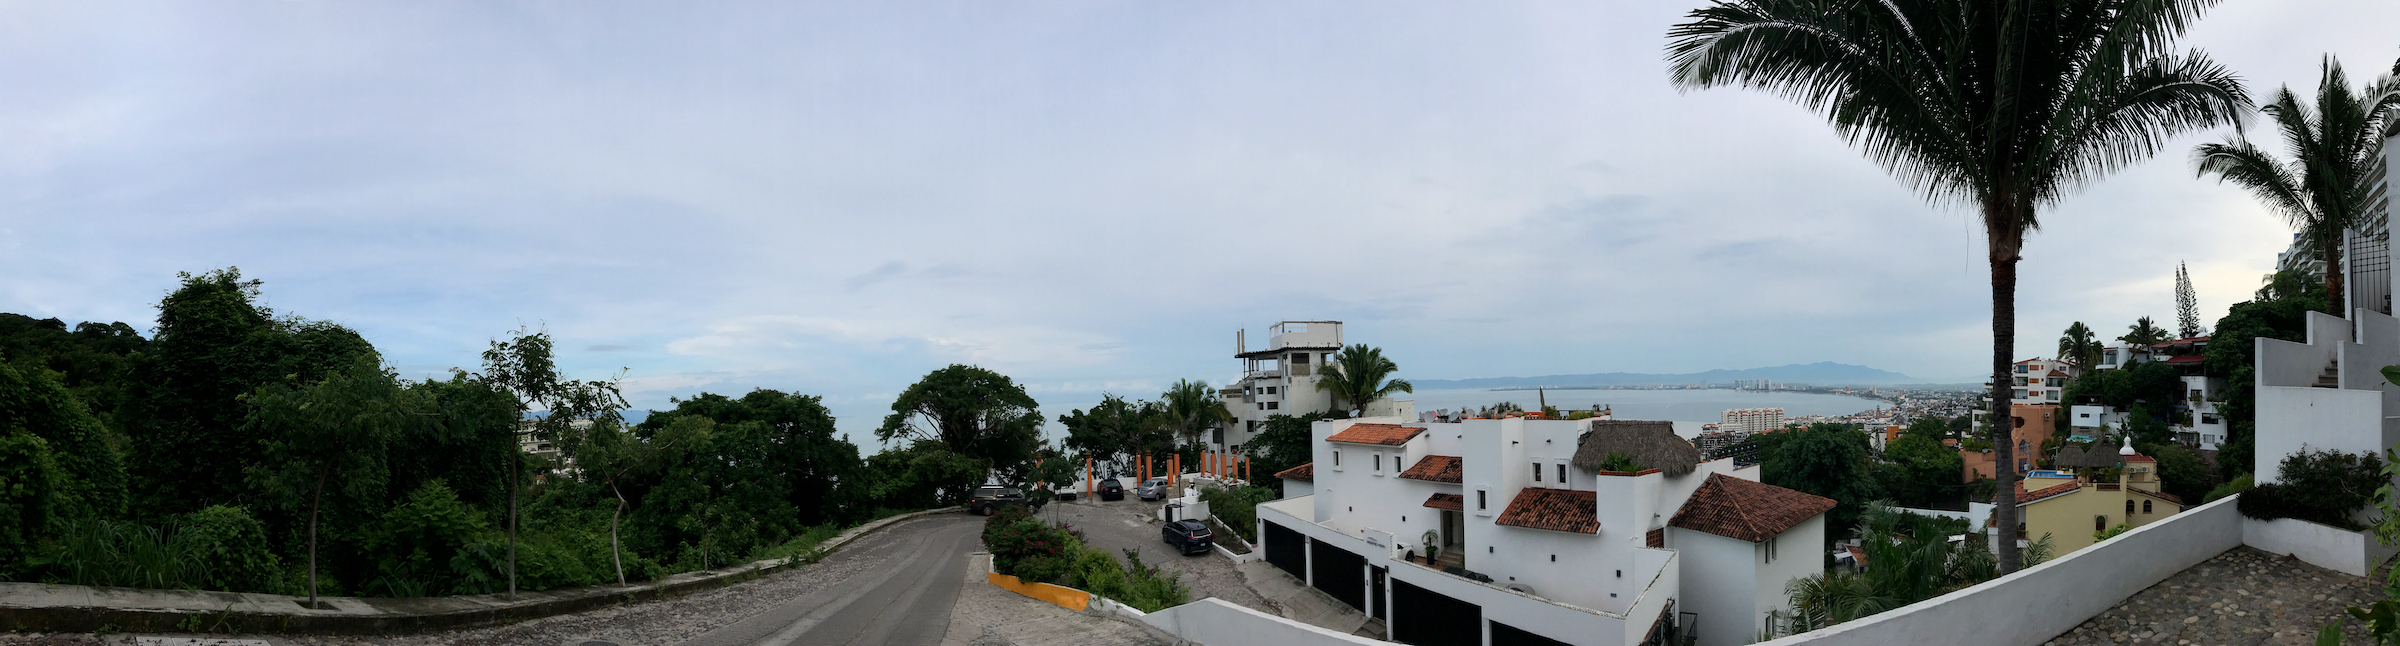 Josh Miller_runJMrun_Puerto Vallarta 13.jpg